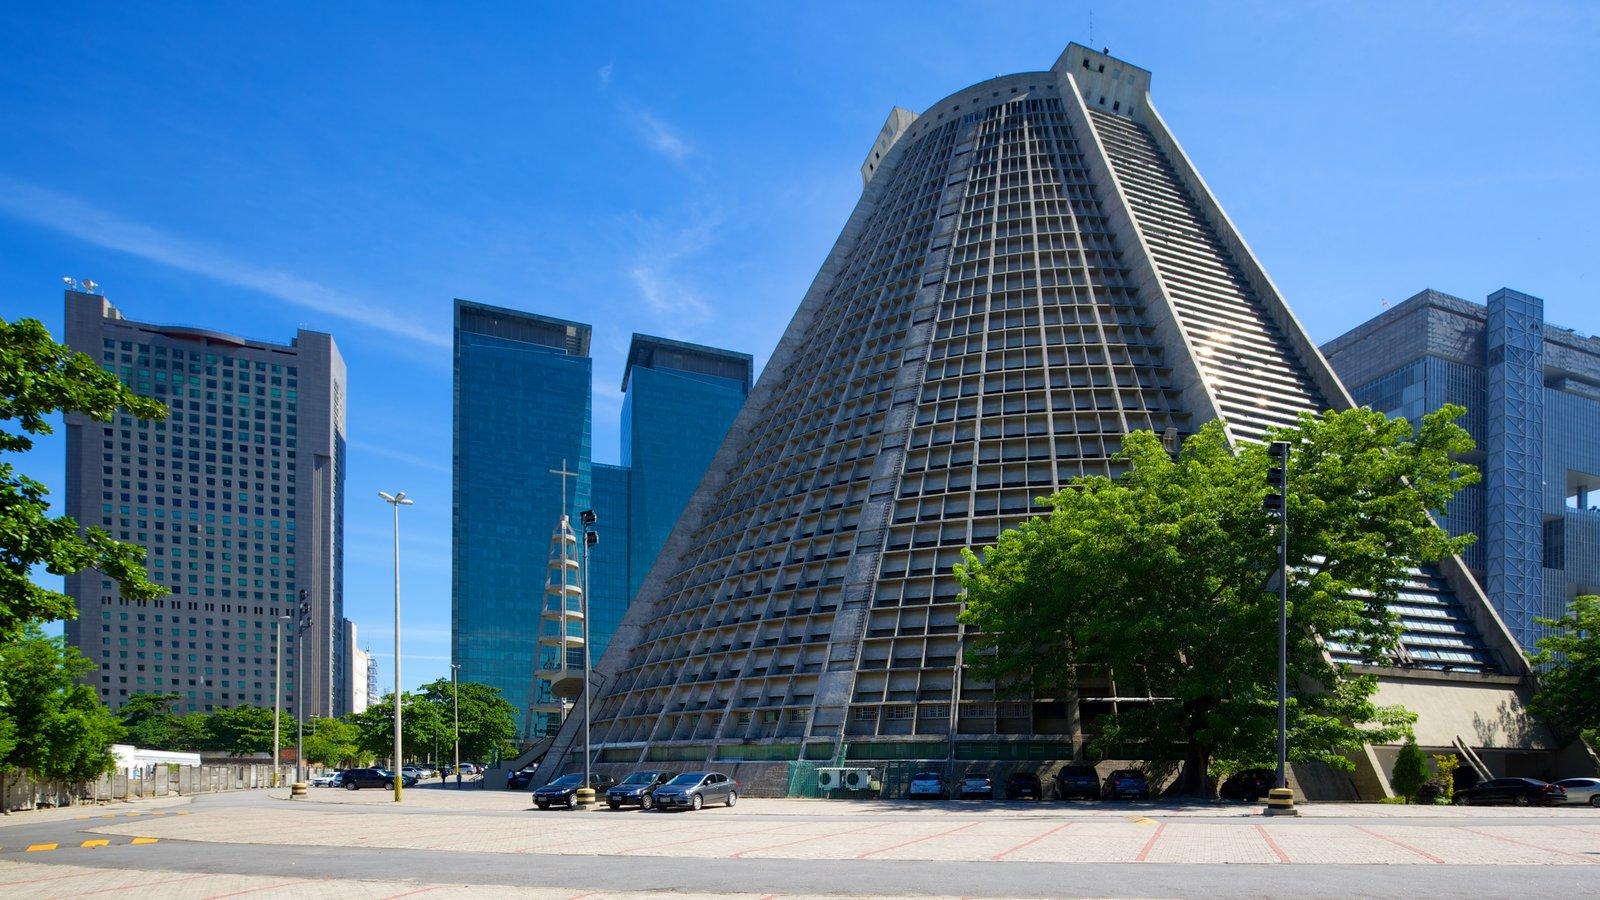 Rio de Janeiro caracterizando arquitetura moderna, uma cidade e uma igreja ou catedral